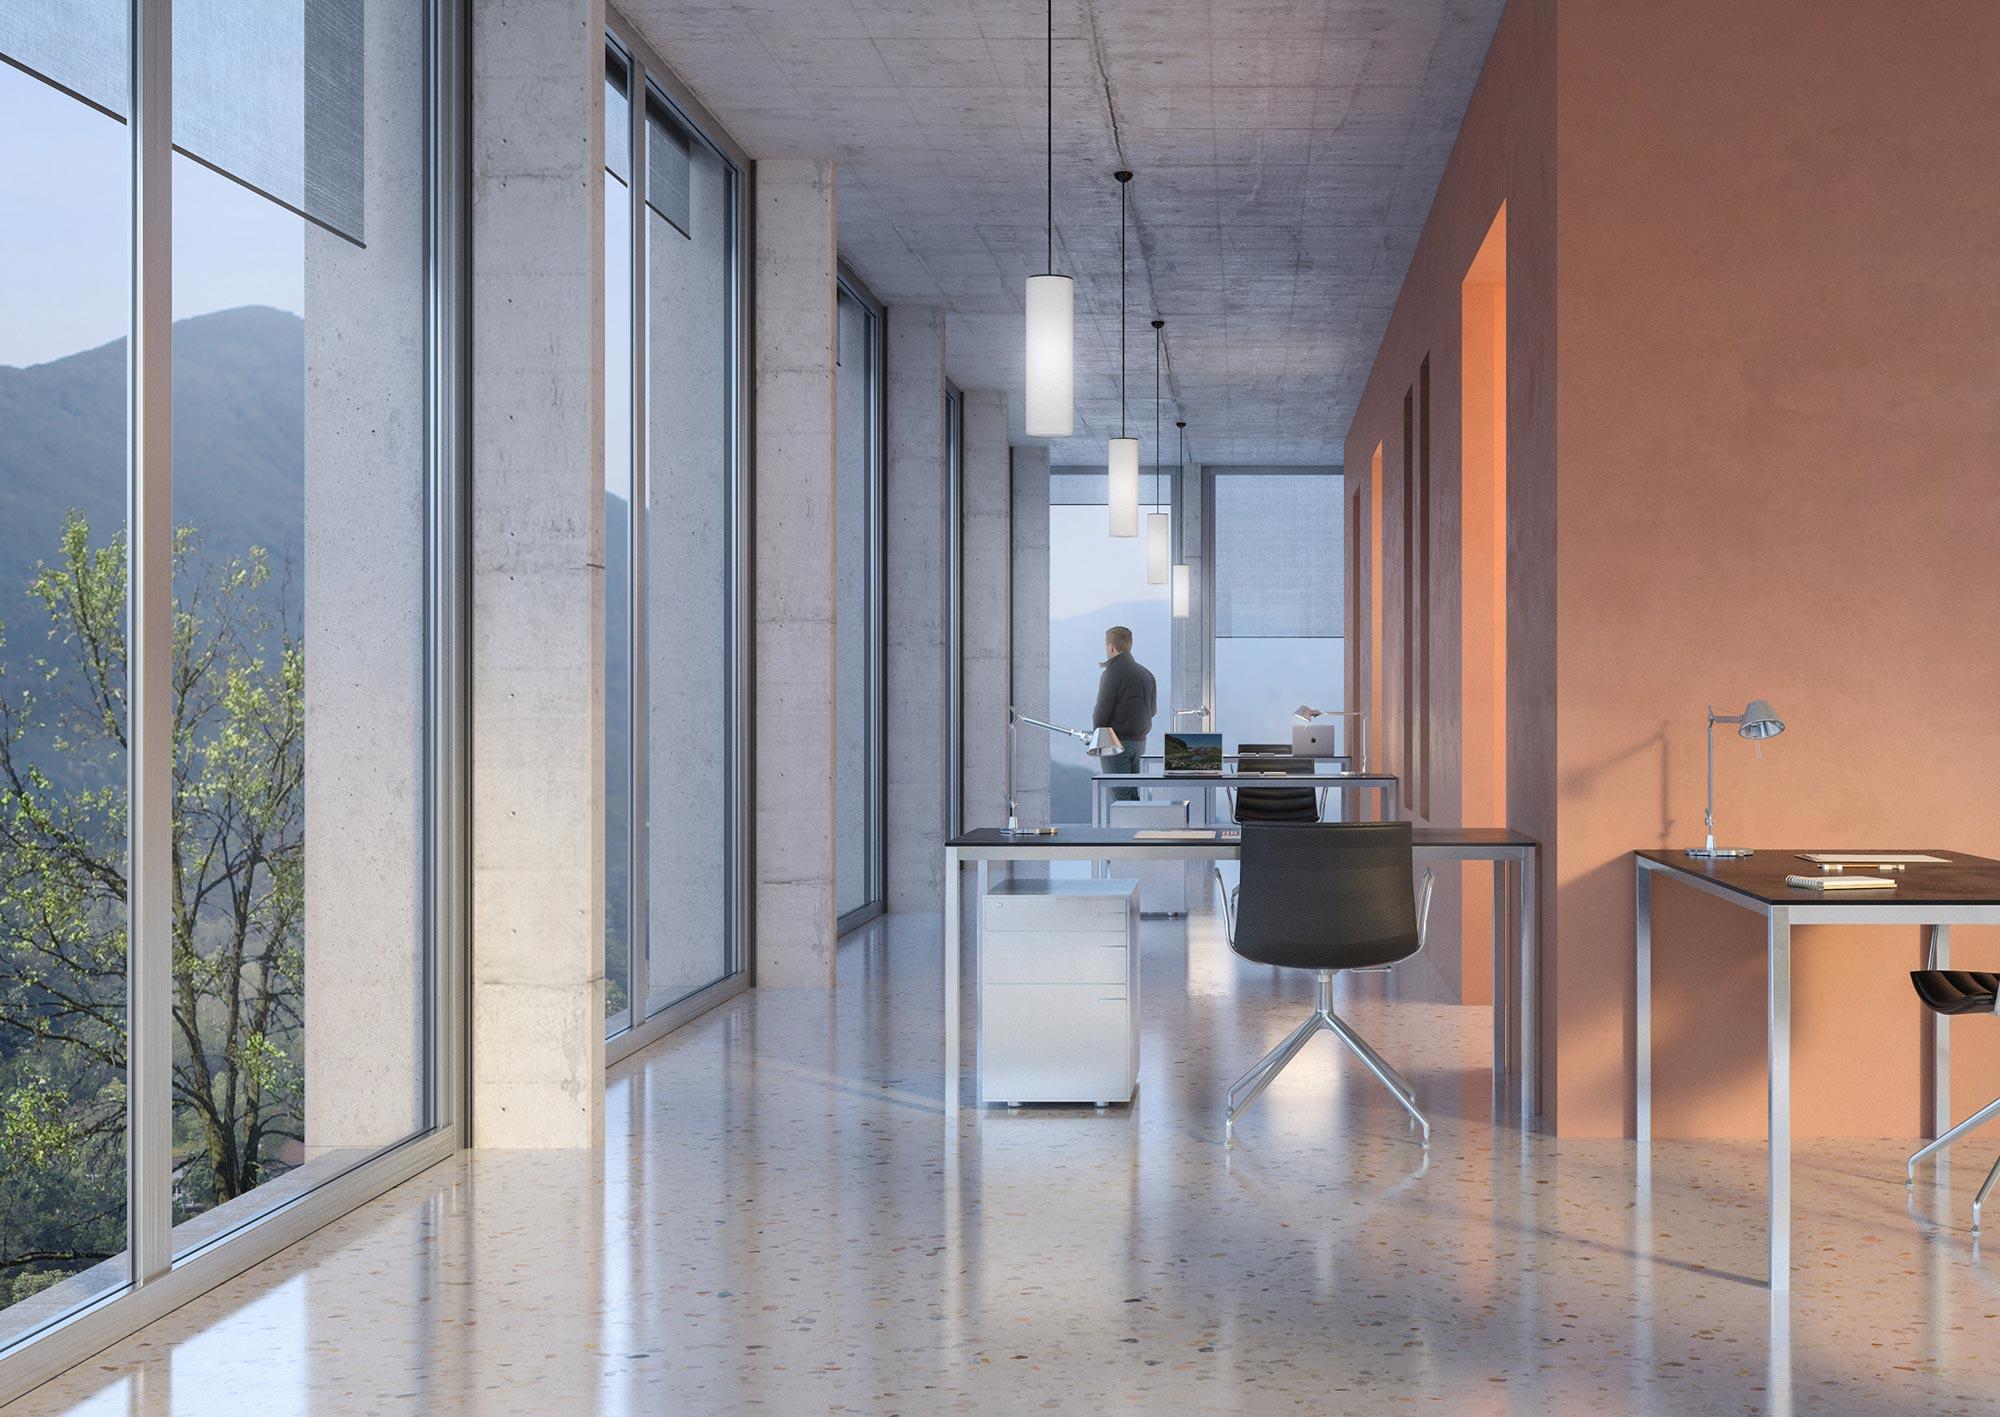 Buzzi studio d'architettura | Town hall refurbishment, Losone (CH)